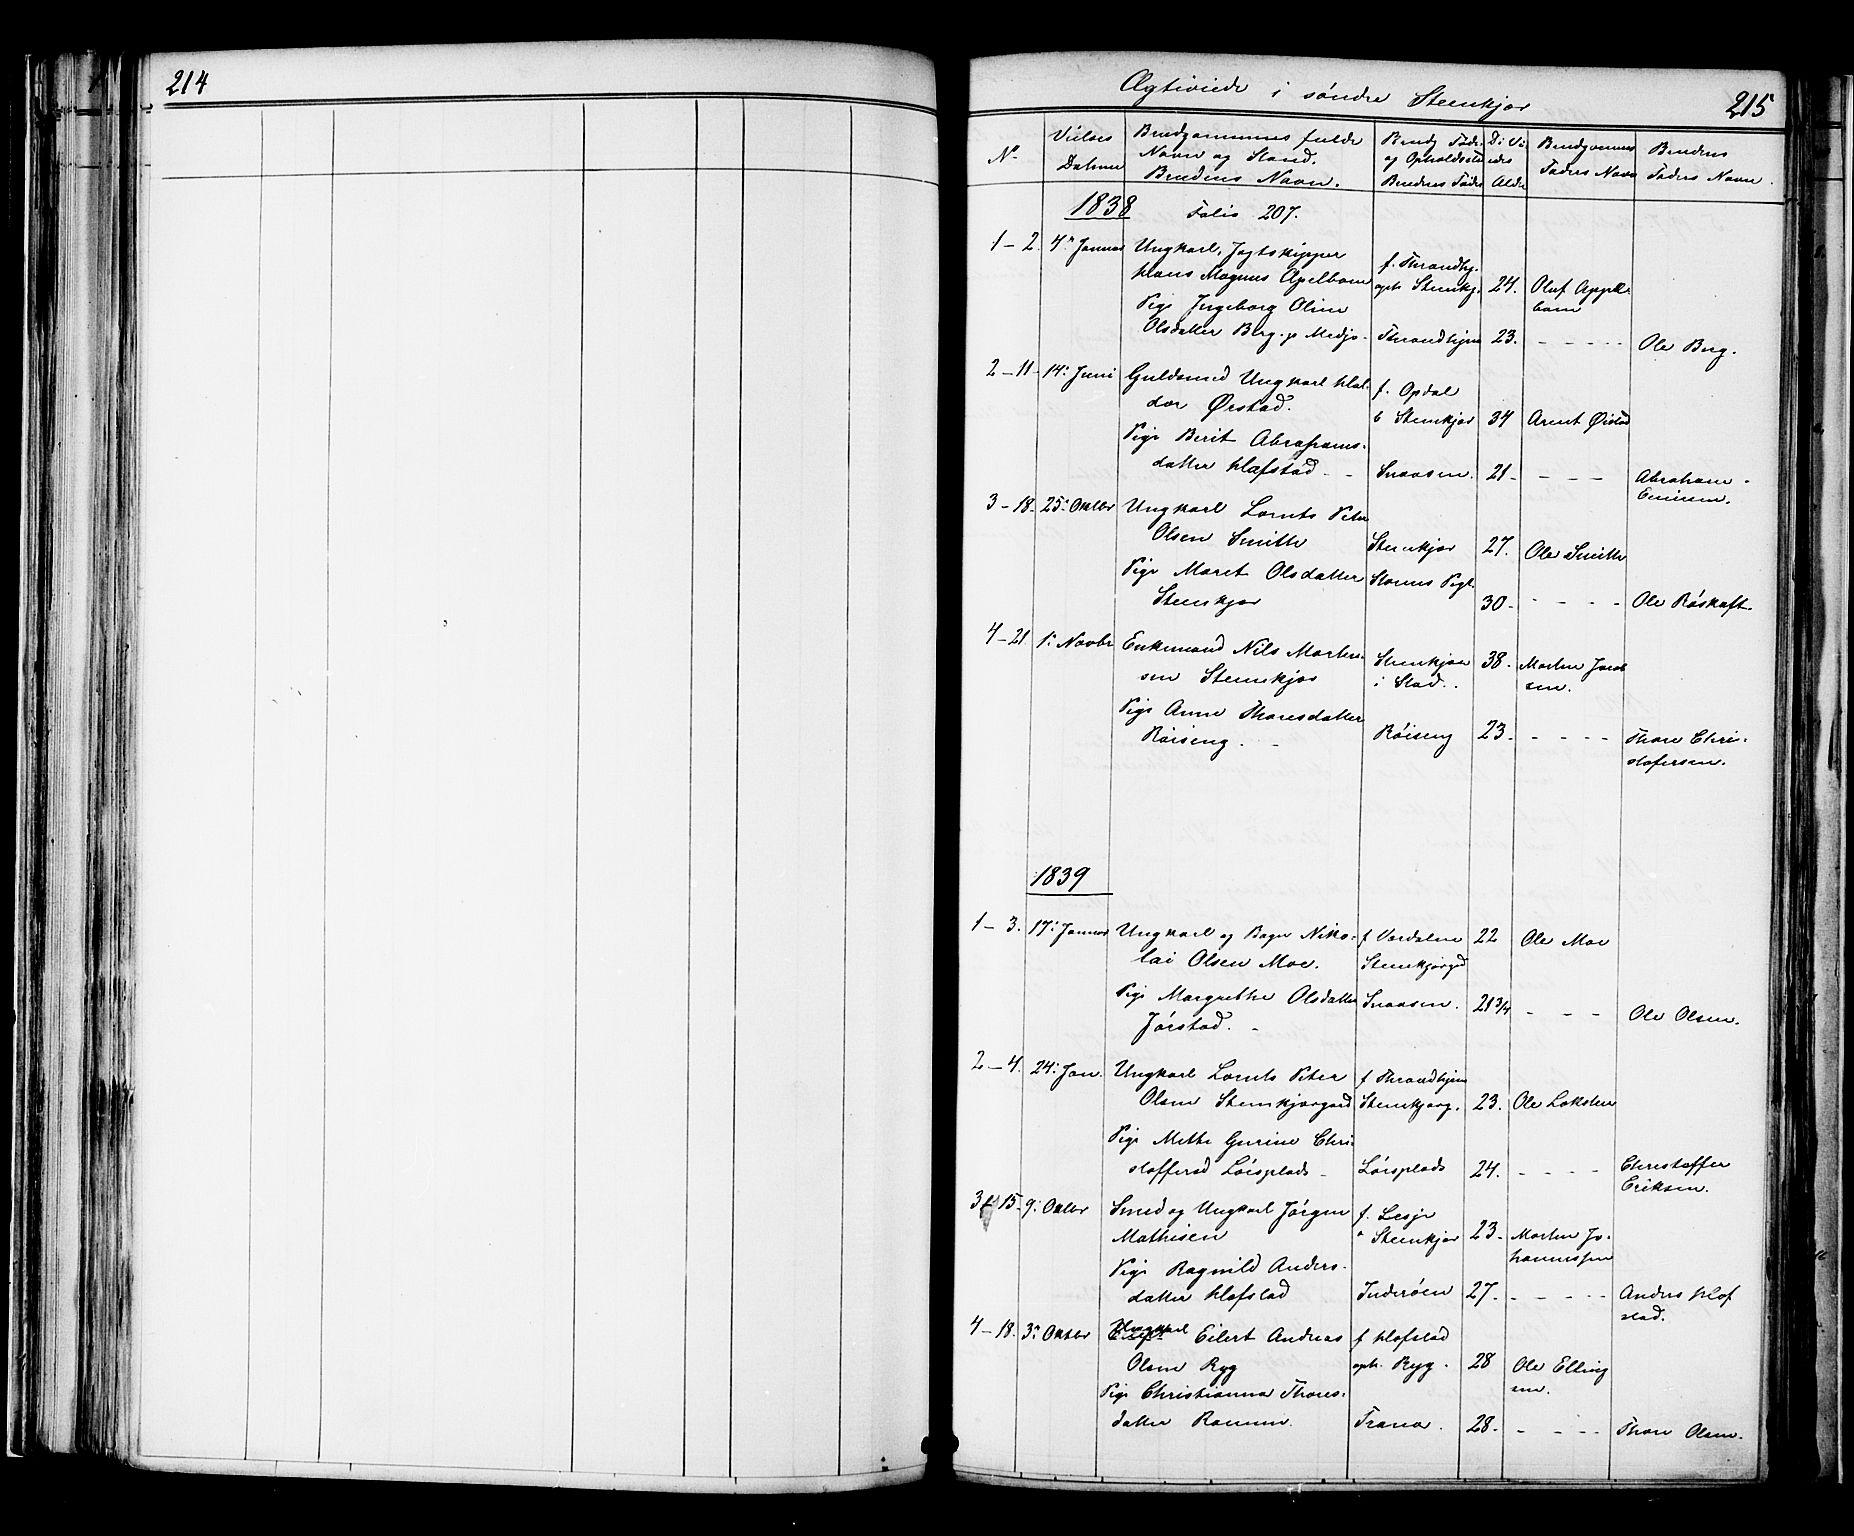 SAT, Ministerialprotokoller, klokkerbøker og fødselsregistre - Nord-Trøndelag, 739/L0367: Ministerialbok nr. 739A01 /1, 1838-1868, s. 214-215